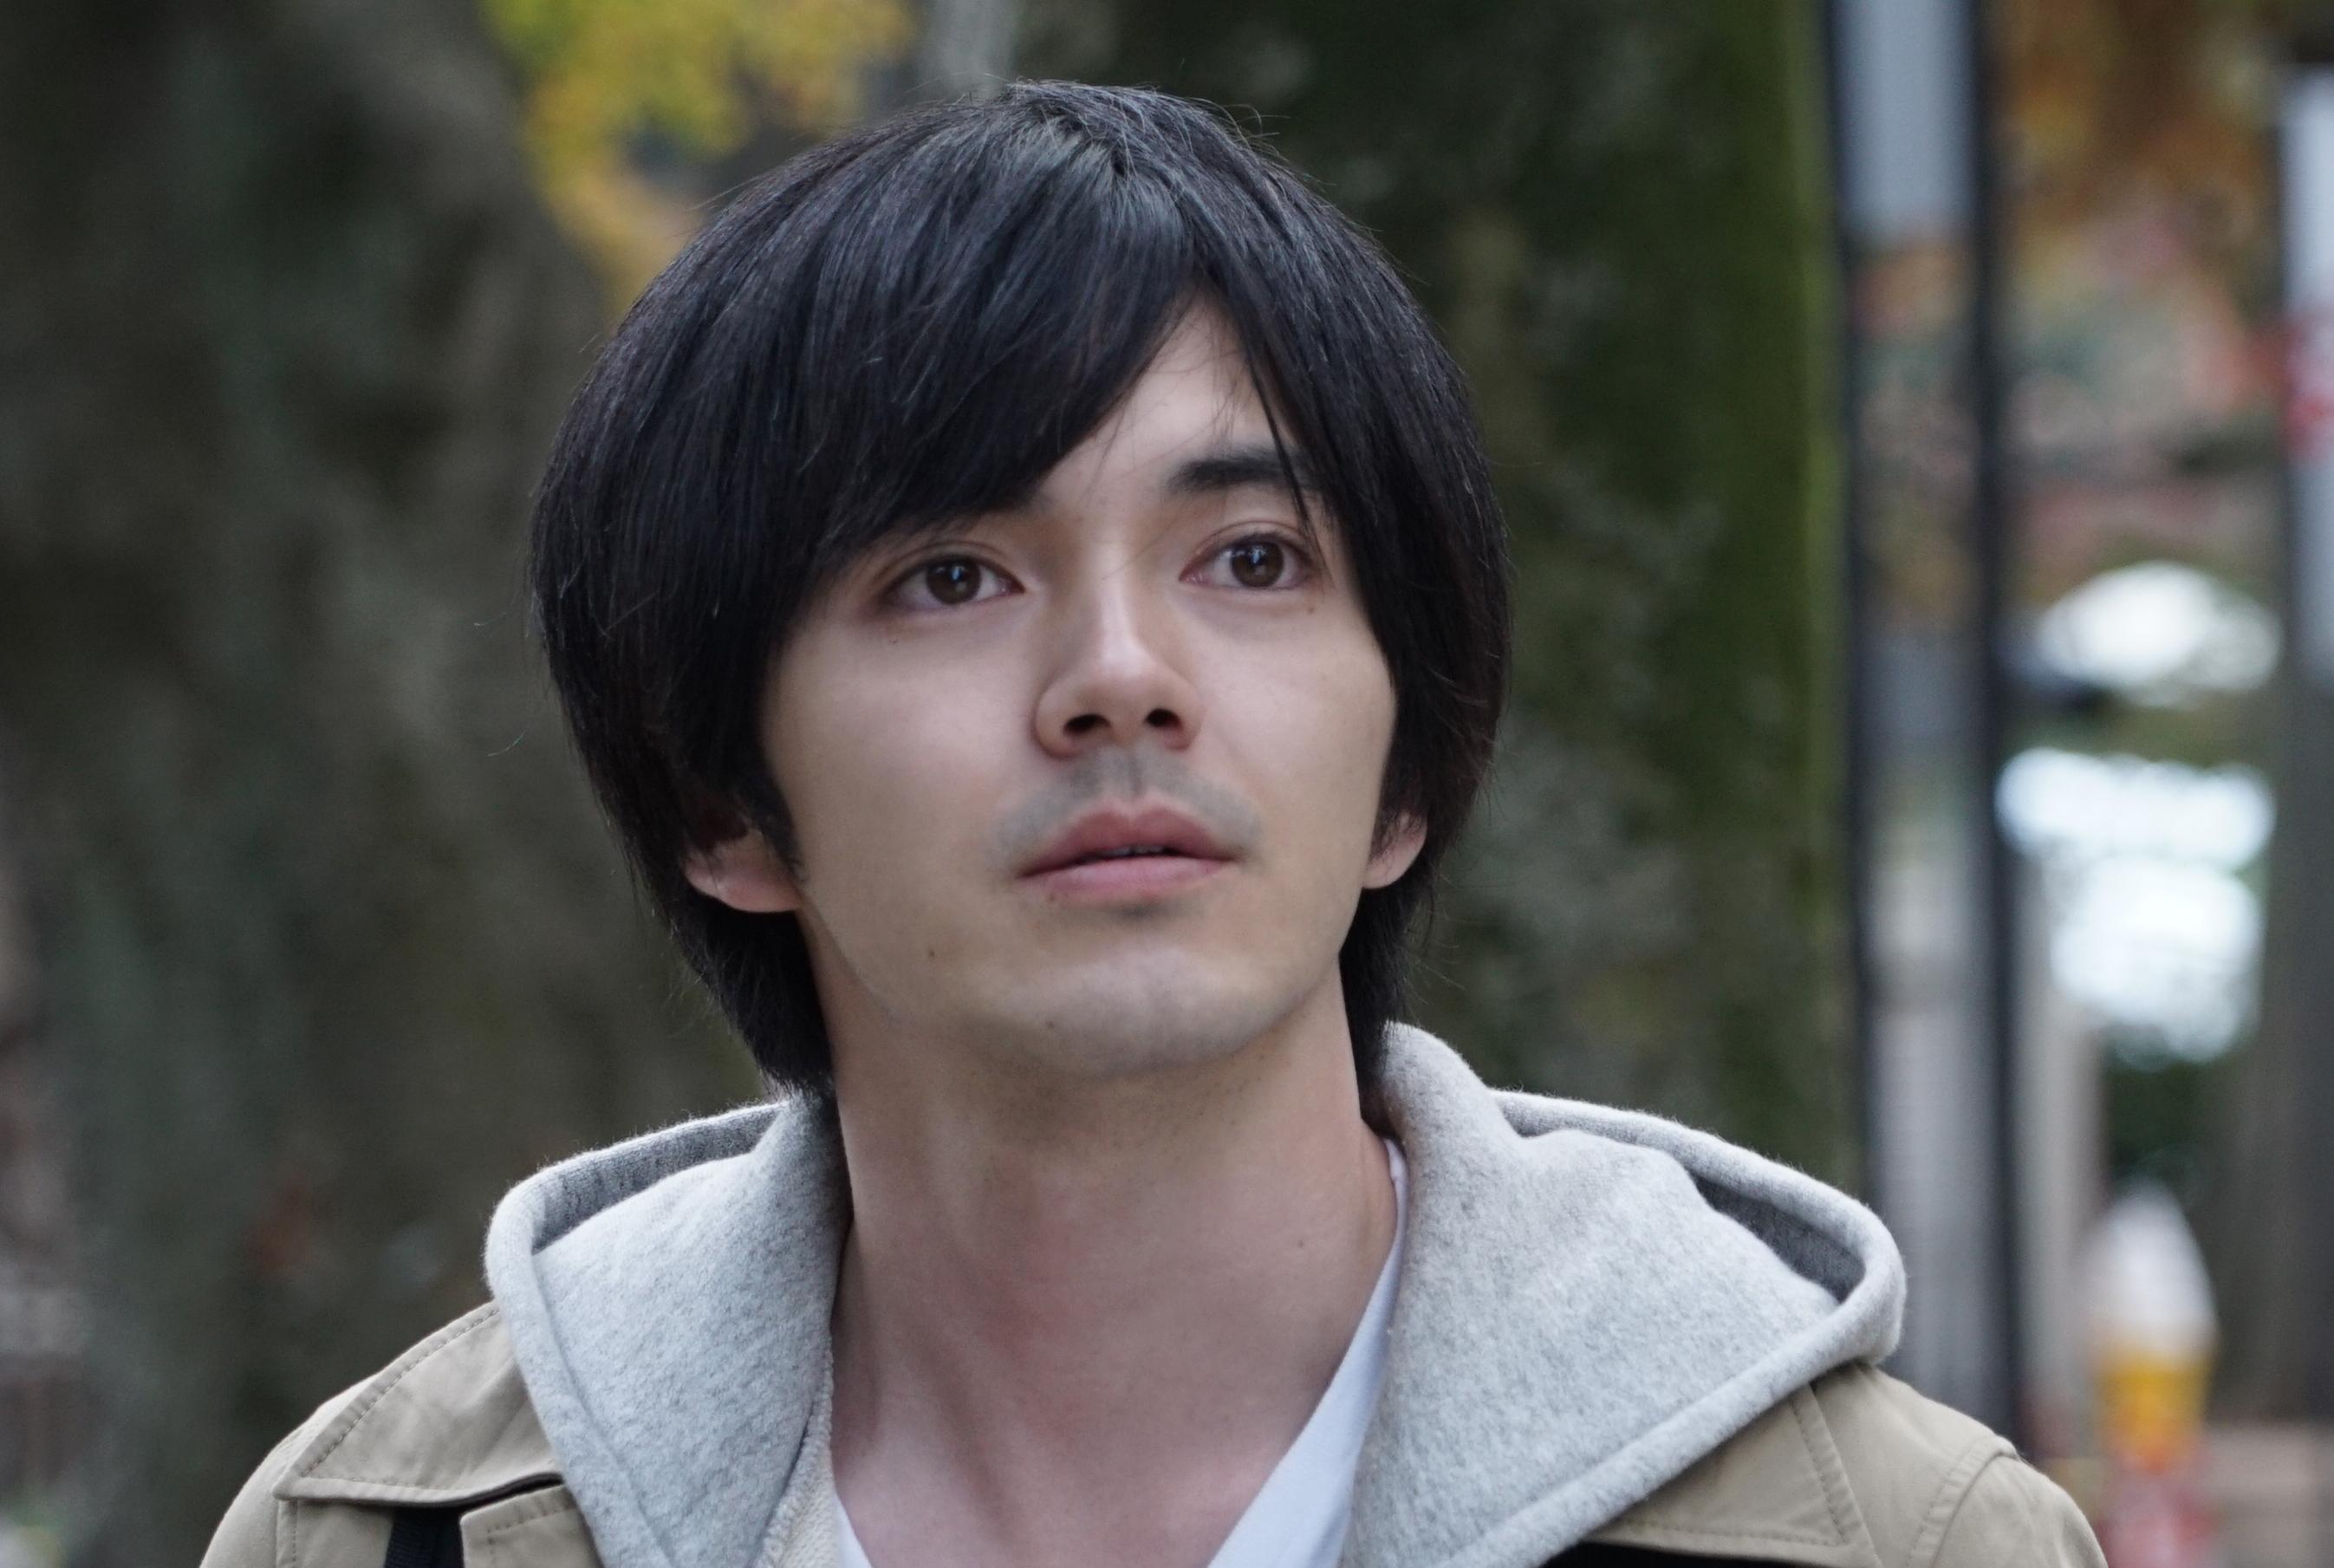 「又吉さんはドラマを見て、2時間散歩してから、続きを見た」、「火花」、林遣都、波岡一喜、門脇麦、廣木隆一監督インタビュー